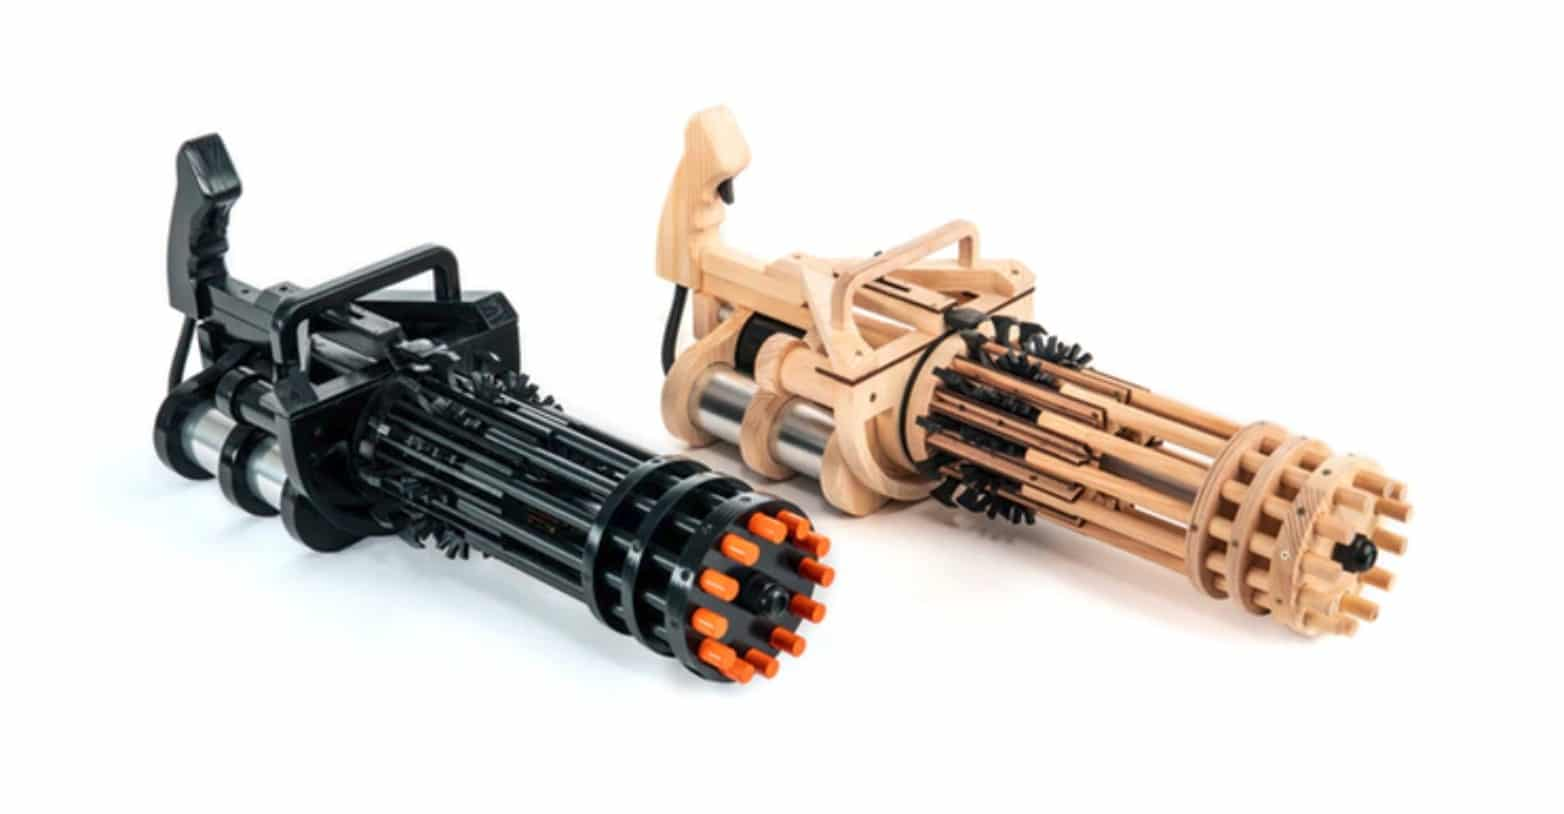 Welches Modell soll es sein? (Foto: Weaponized T-Rex)